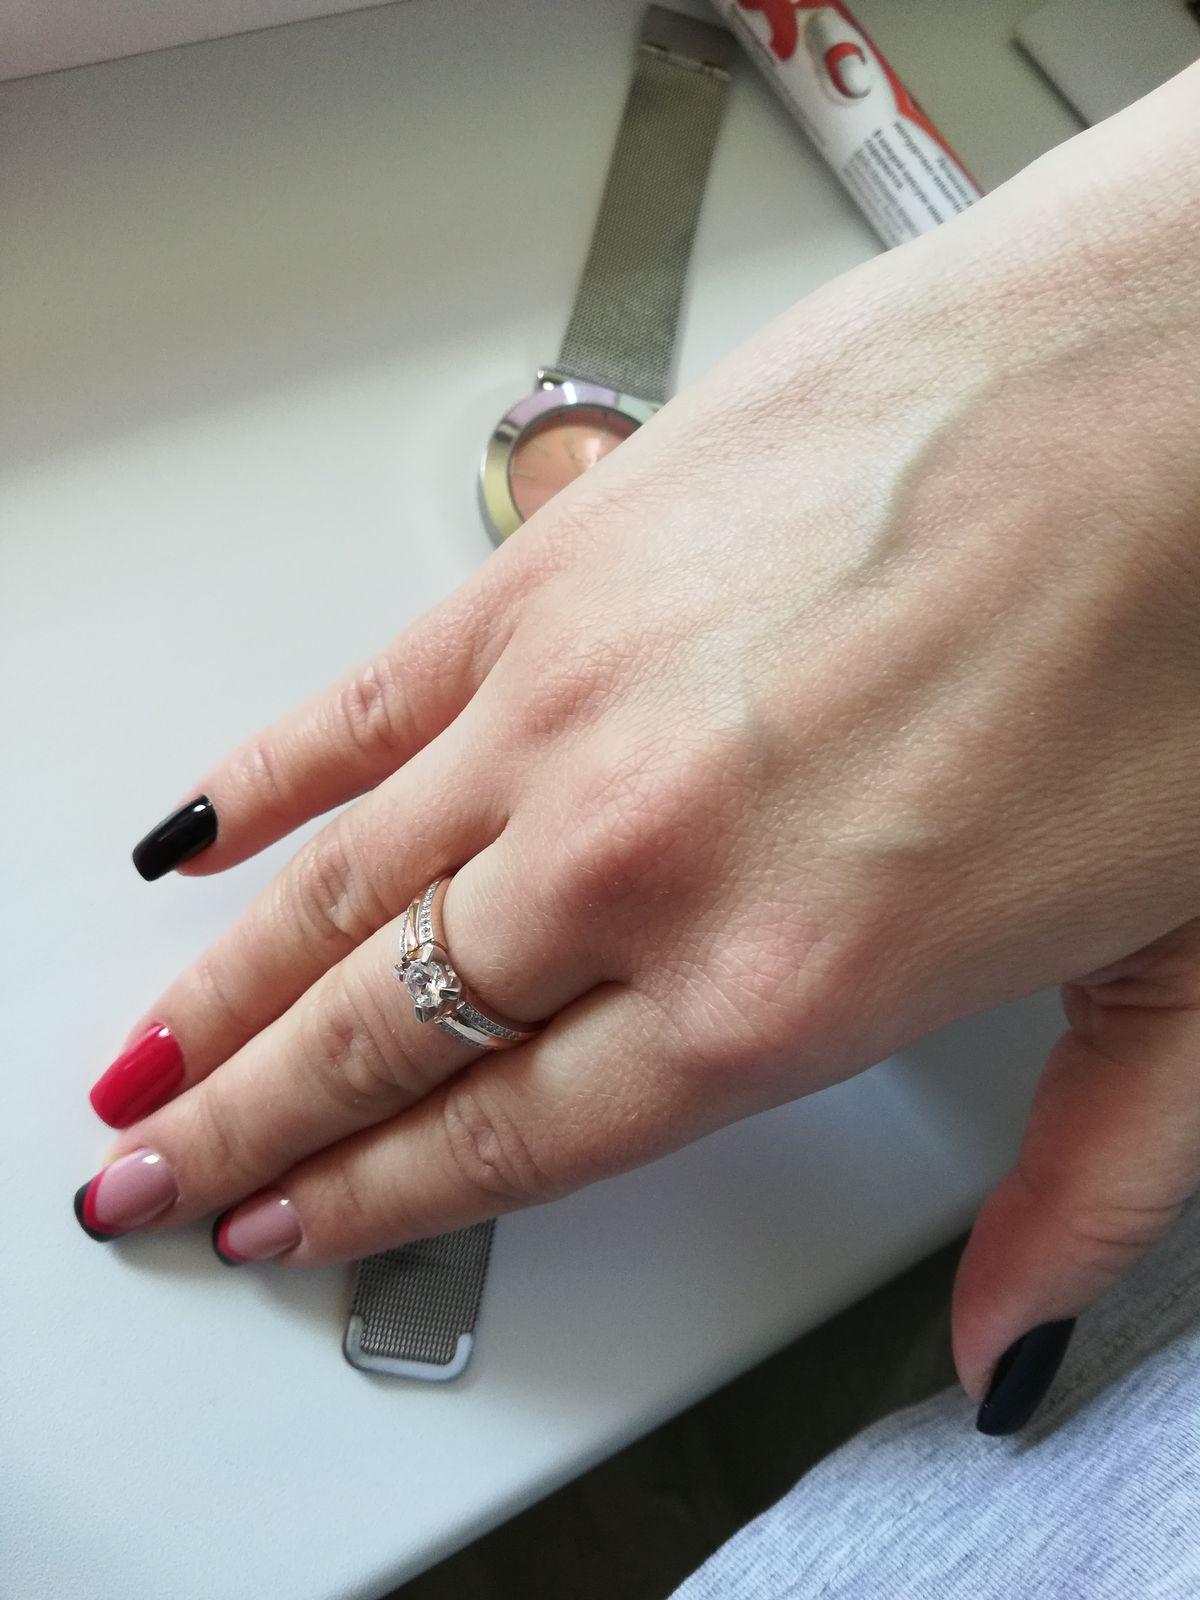 Кольцо, которое влюбляет с первой примерки)